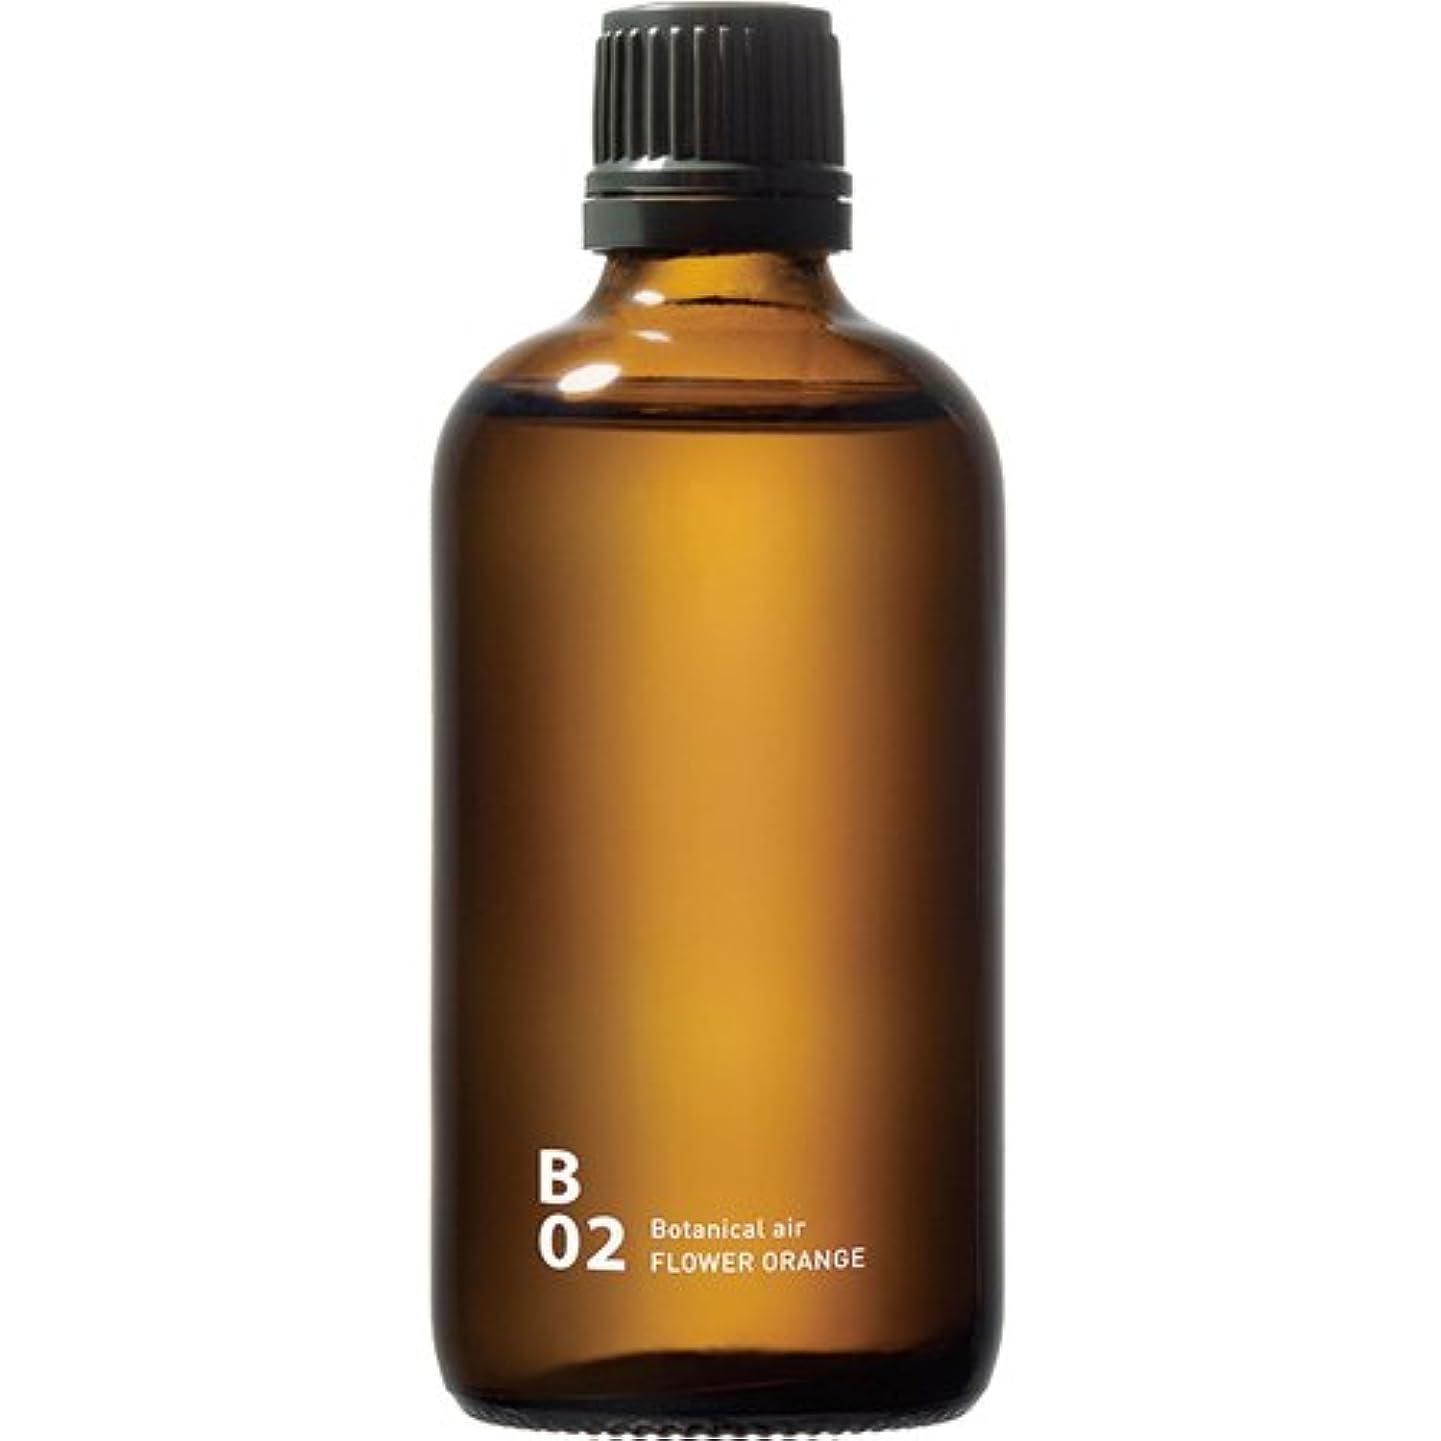 破裂酸っぱい専制B02 FLOWER ORANGE piezo aroma oil 100ml